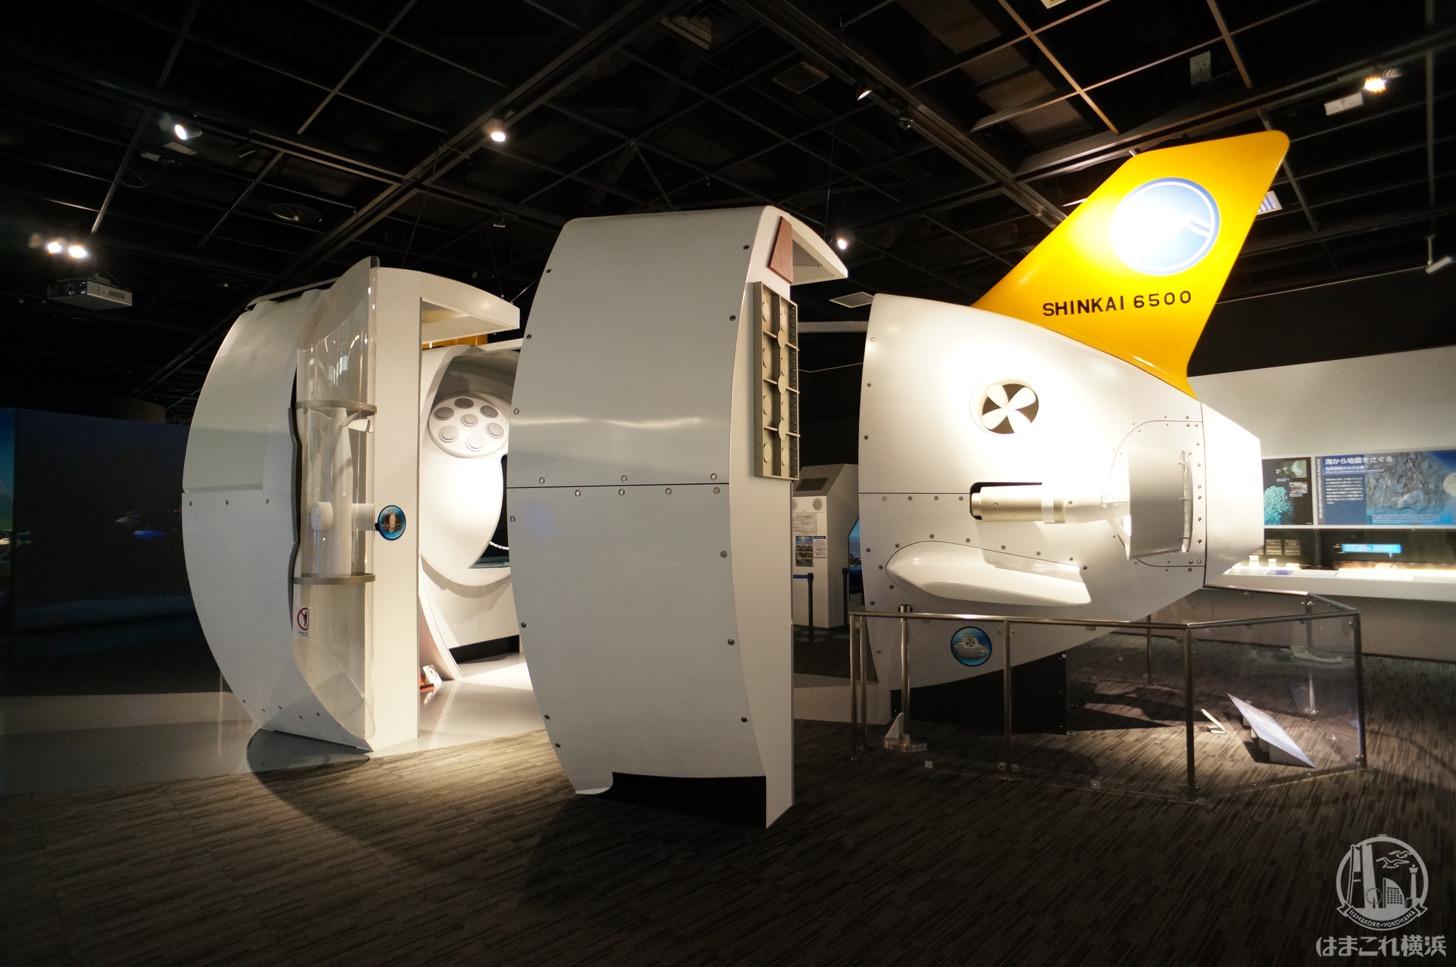 世界最高水準の深海潜水調査船「しんかい6500」